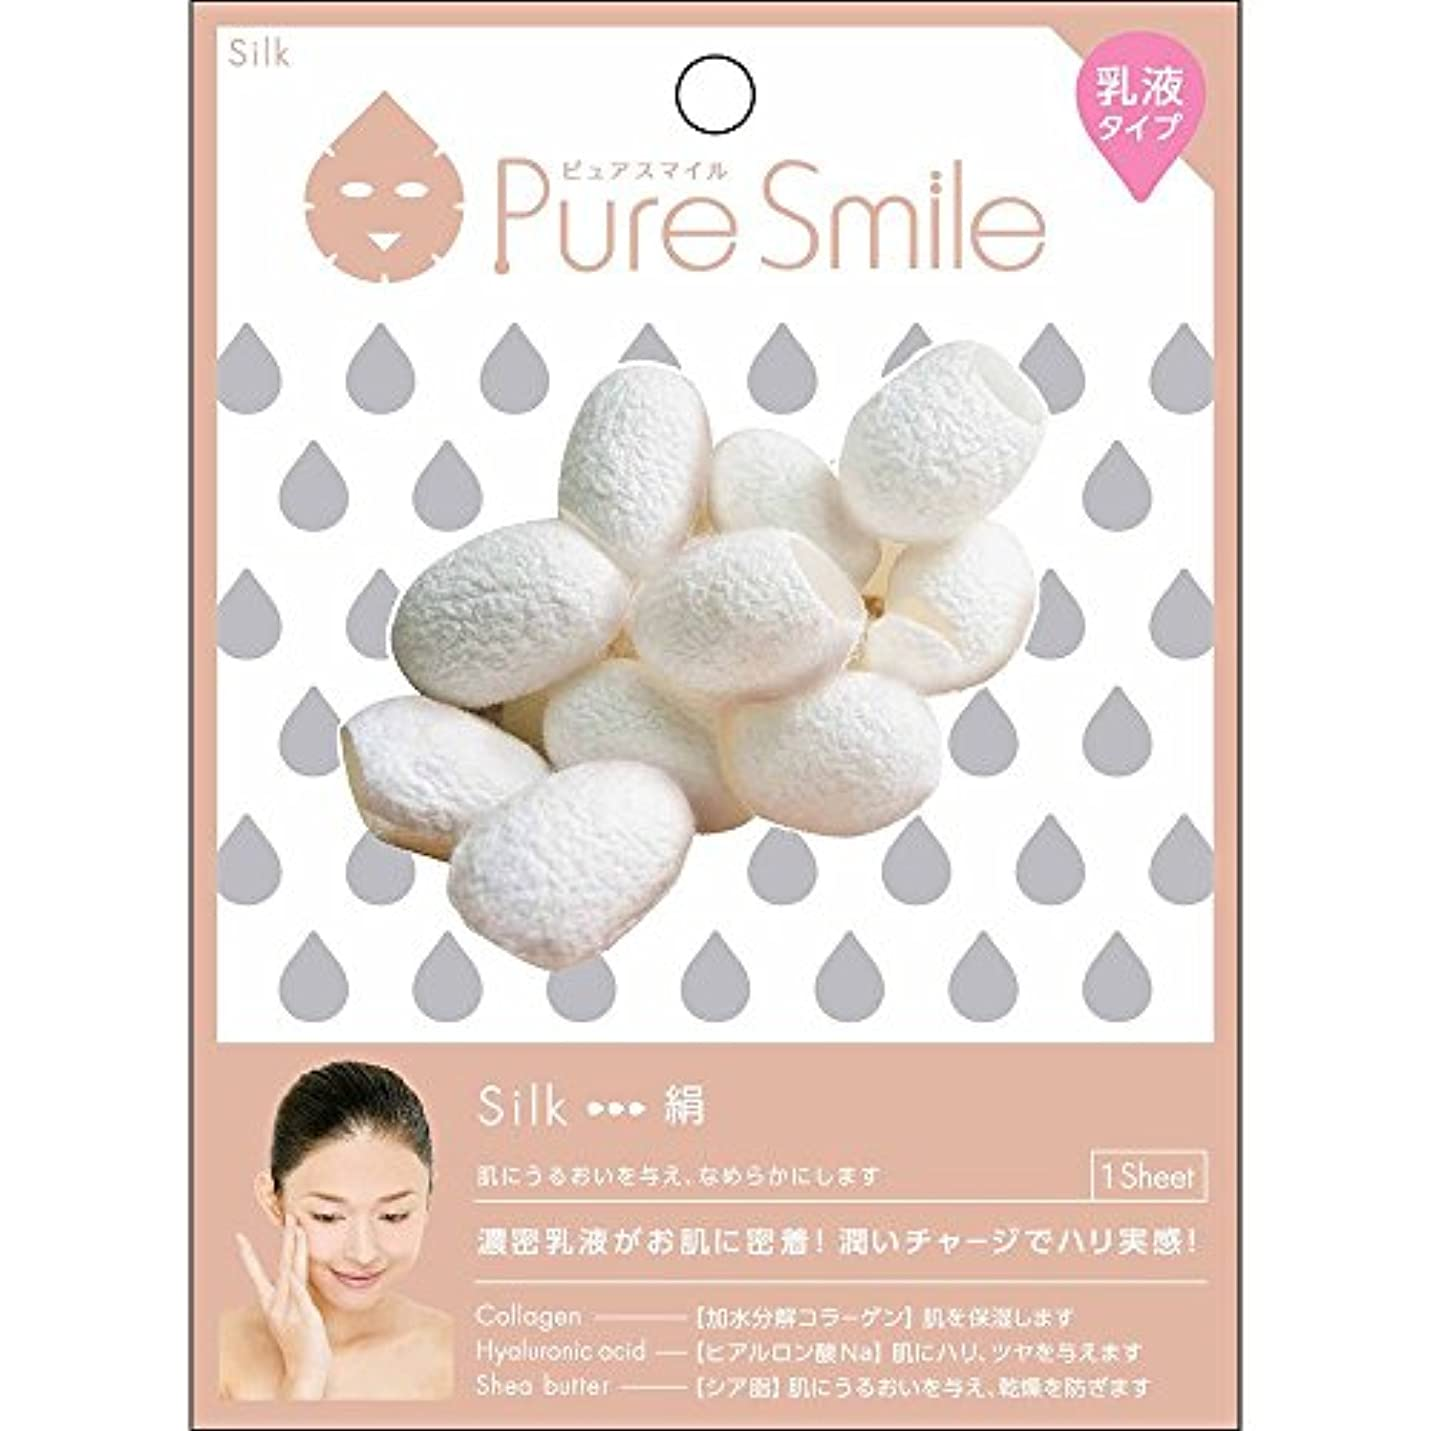 出発する手を差し伸べるノーブルPure Smile(ピュアスマイル) 乳液エッセンスマスク 1 枚 絹